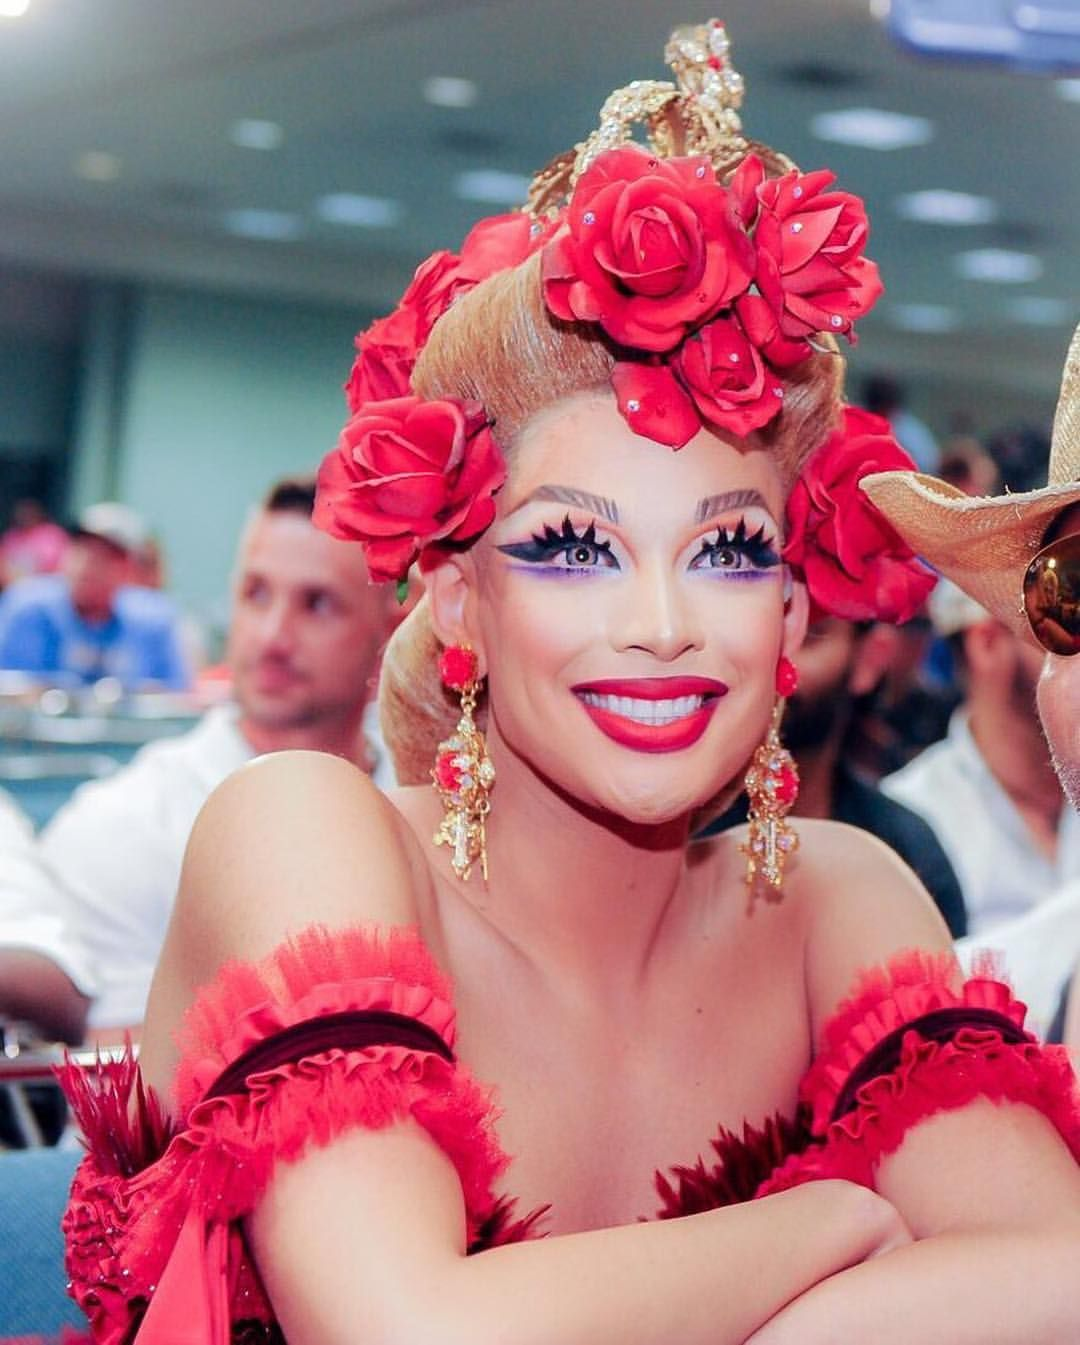 Conozcamos un poco más sobre Valentina, la drag queen que interpretó a Ángel en el musical Rent